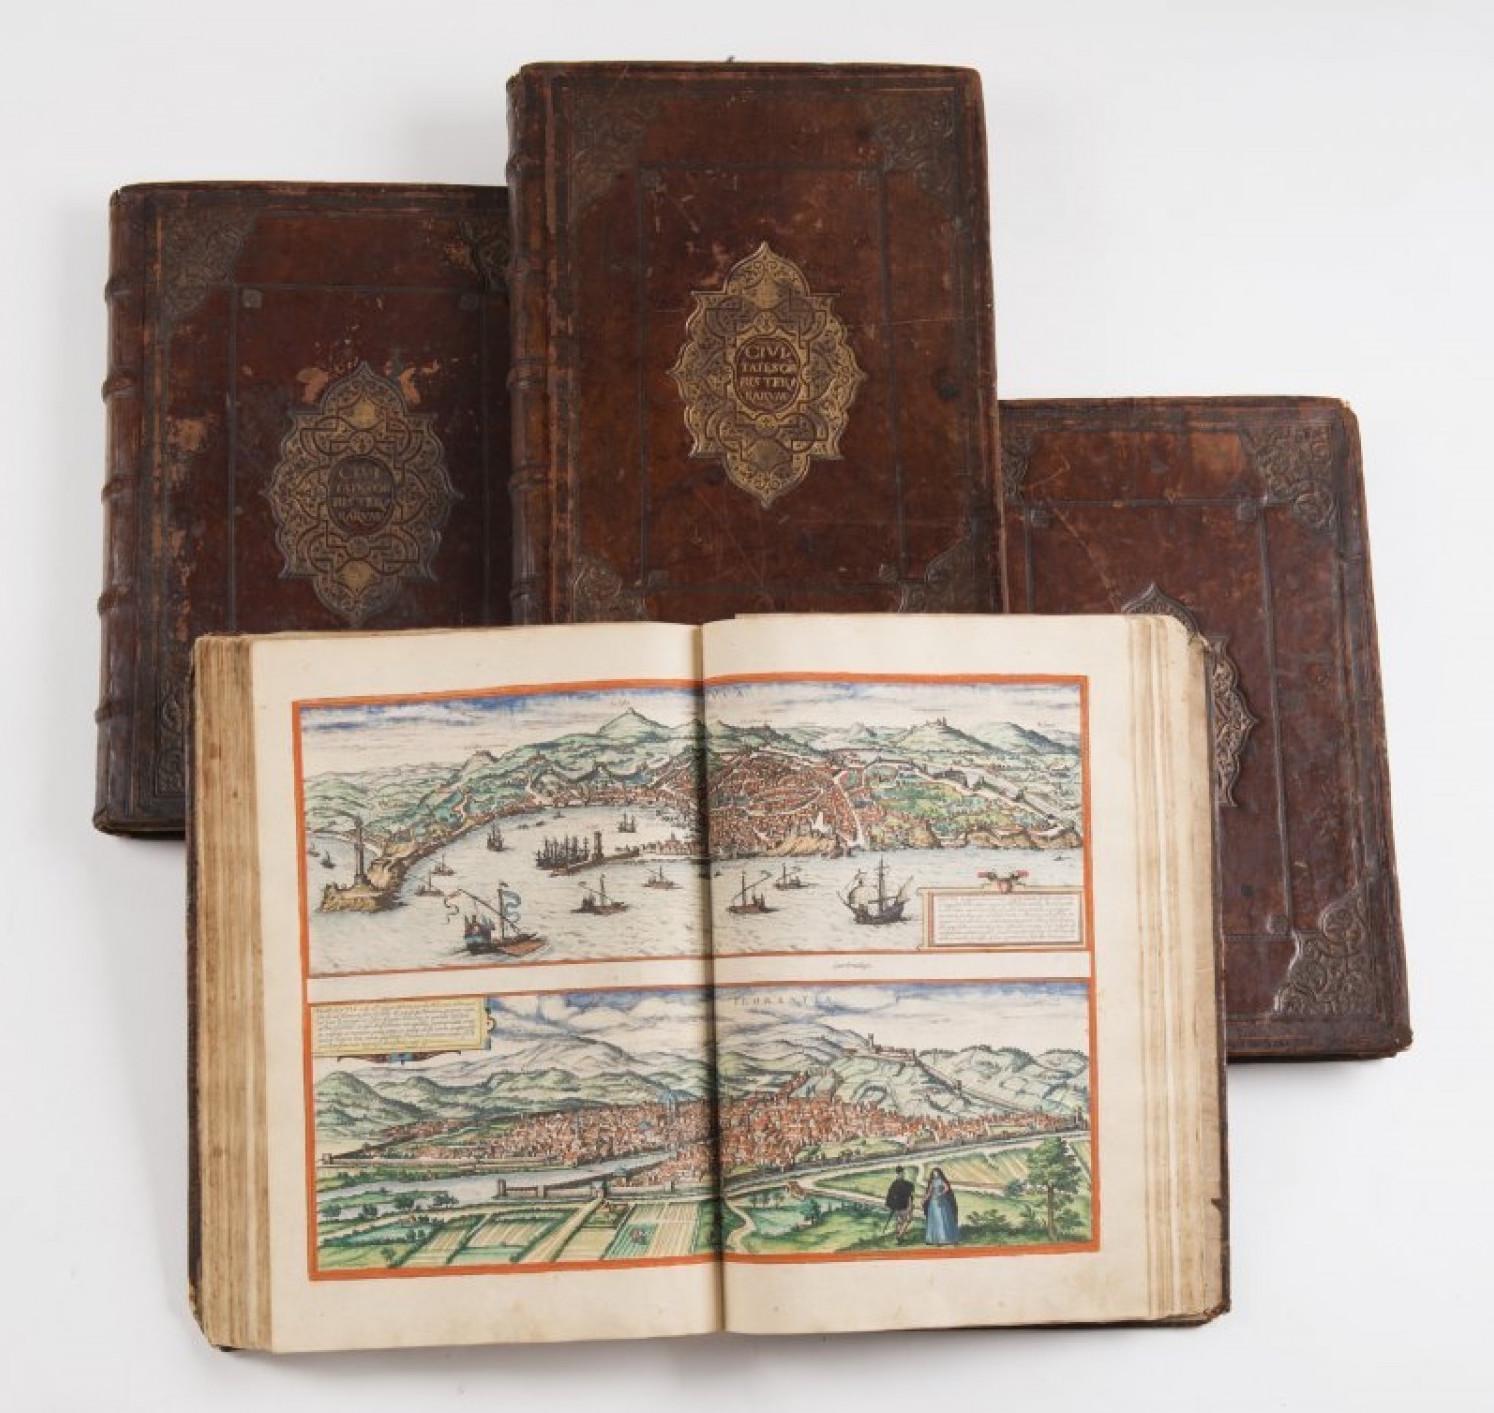 Régi térképgyűjtemény volt a legdrágábban eladott régiség idén Csehországban